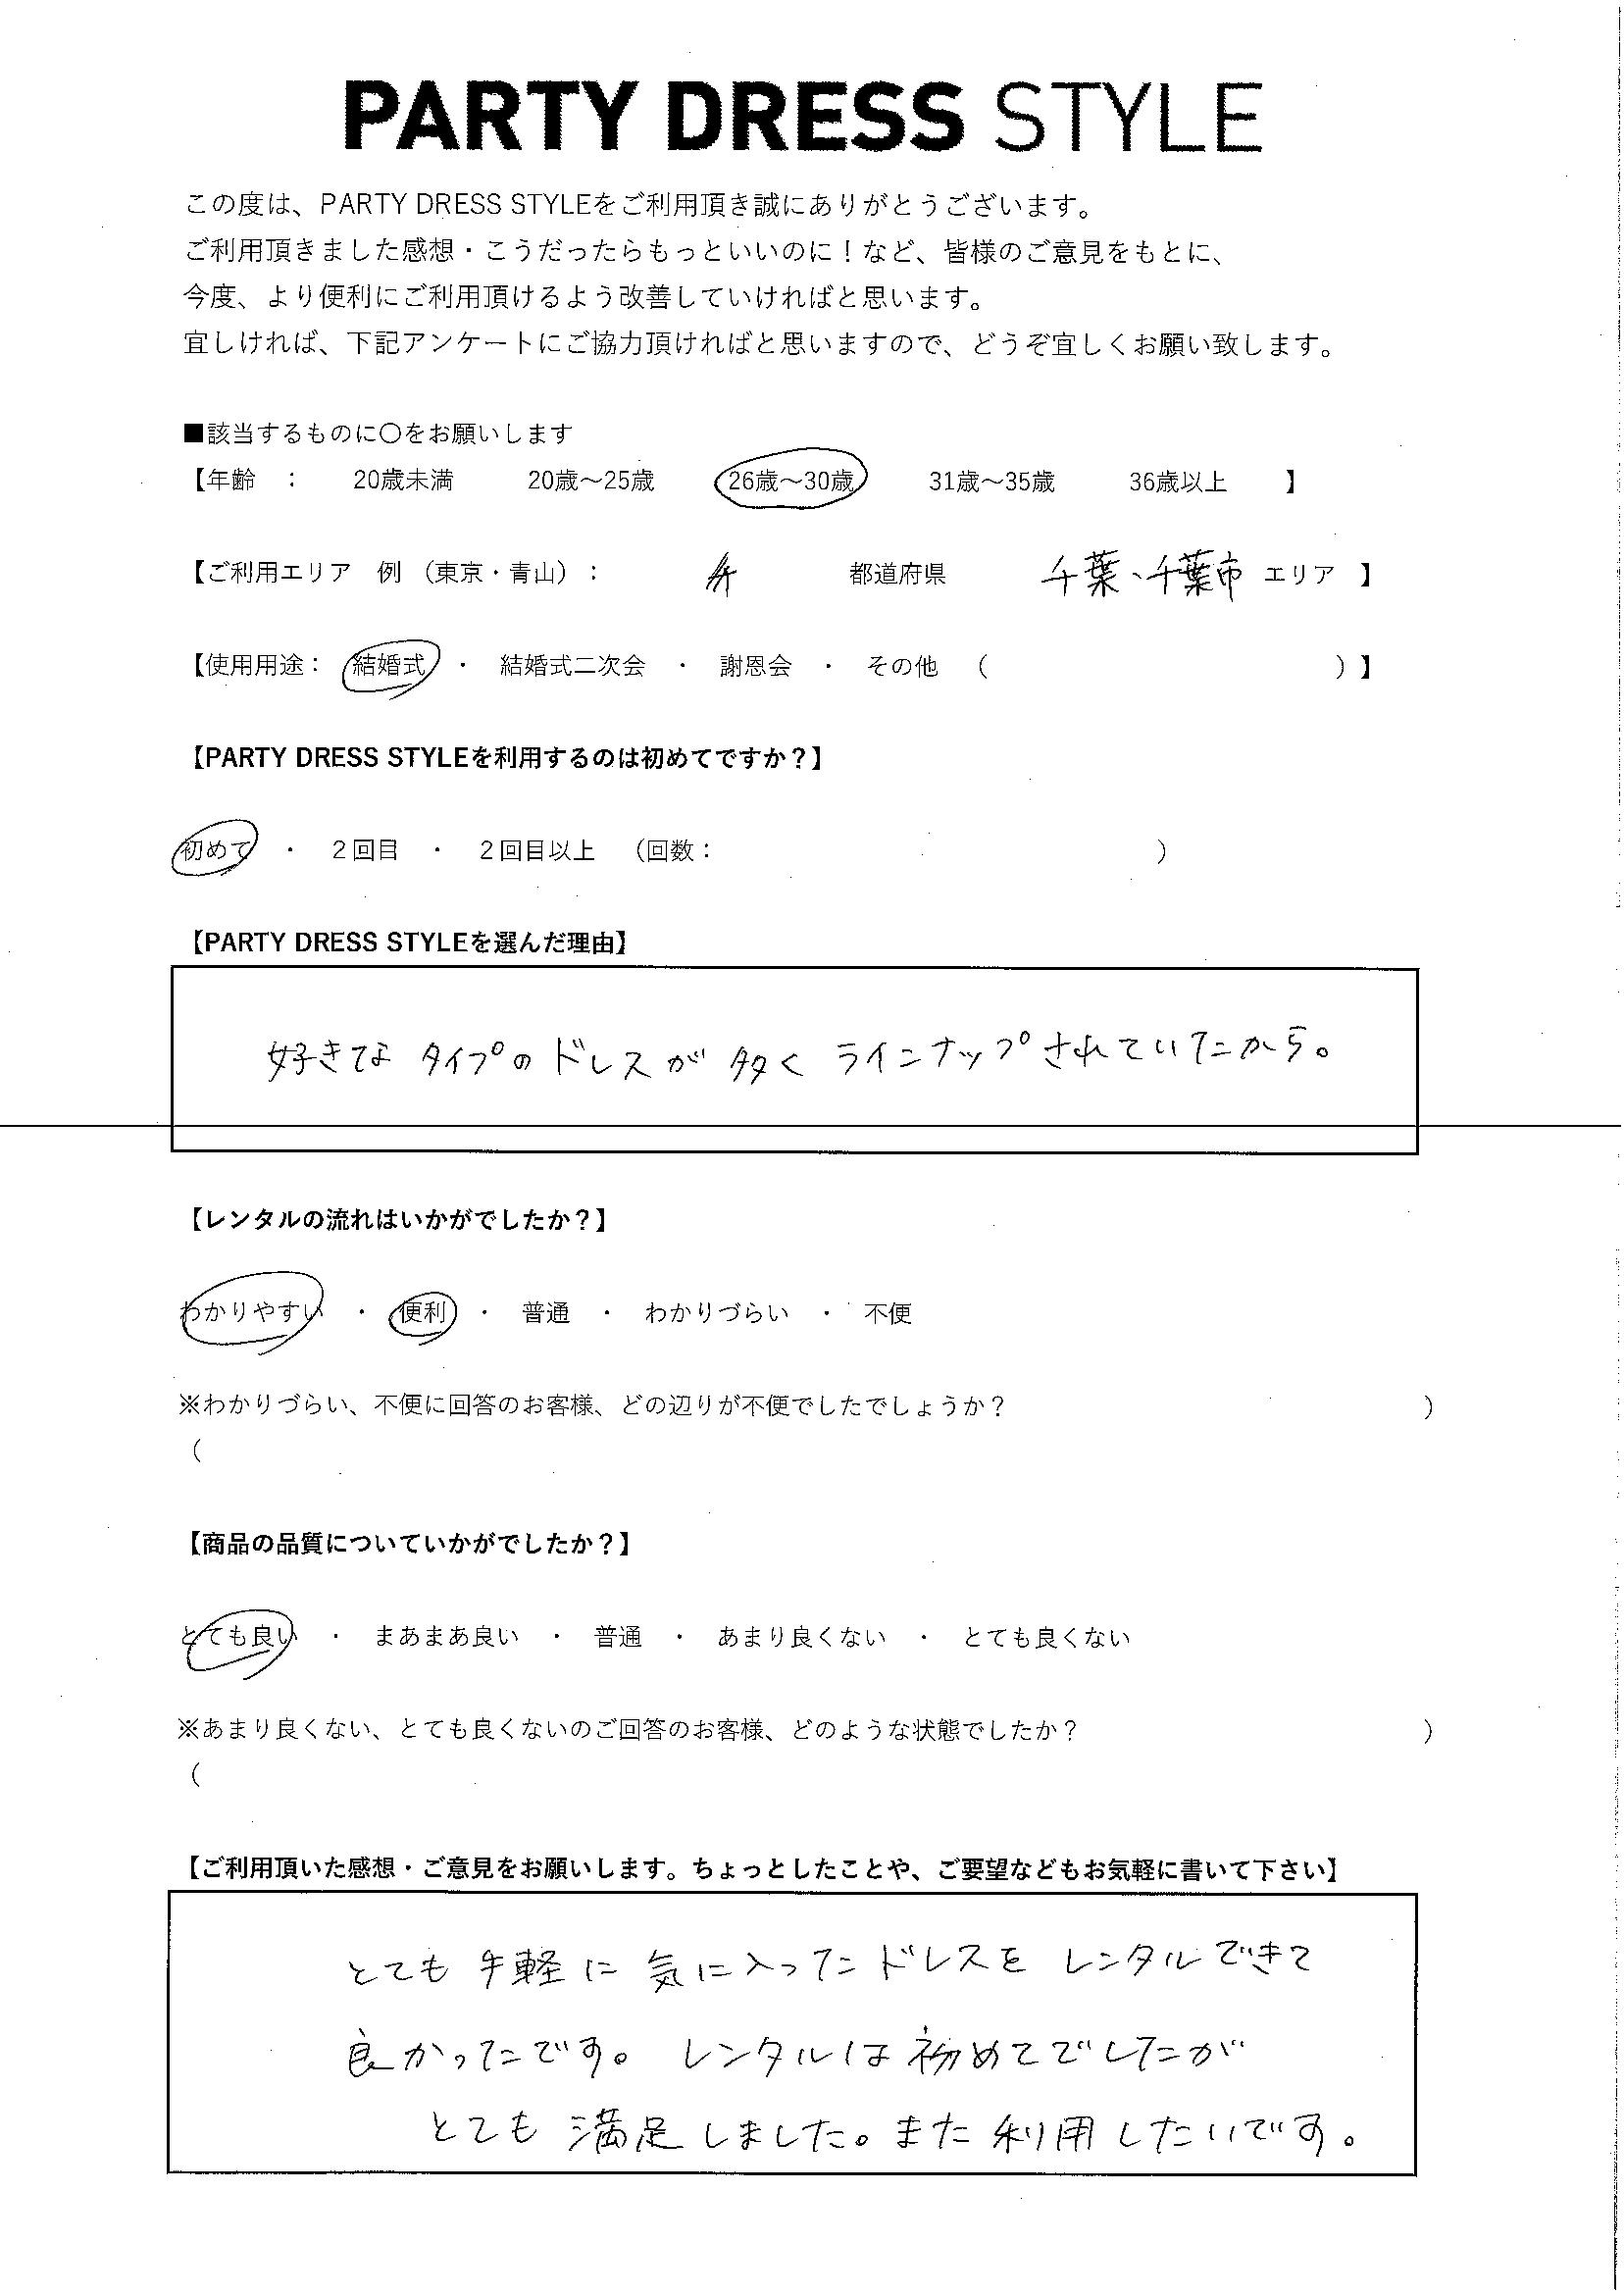 4/7  結婚式 千葉・千葉エリア